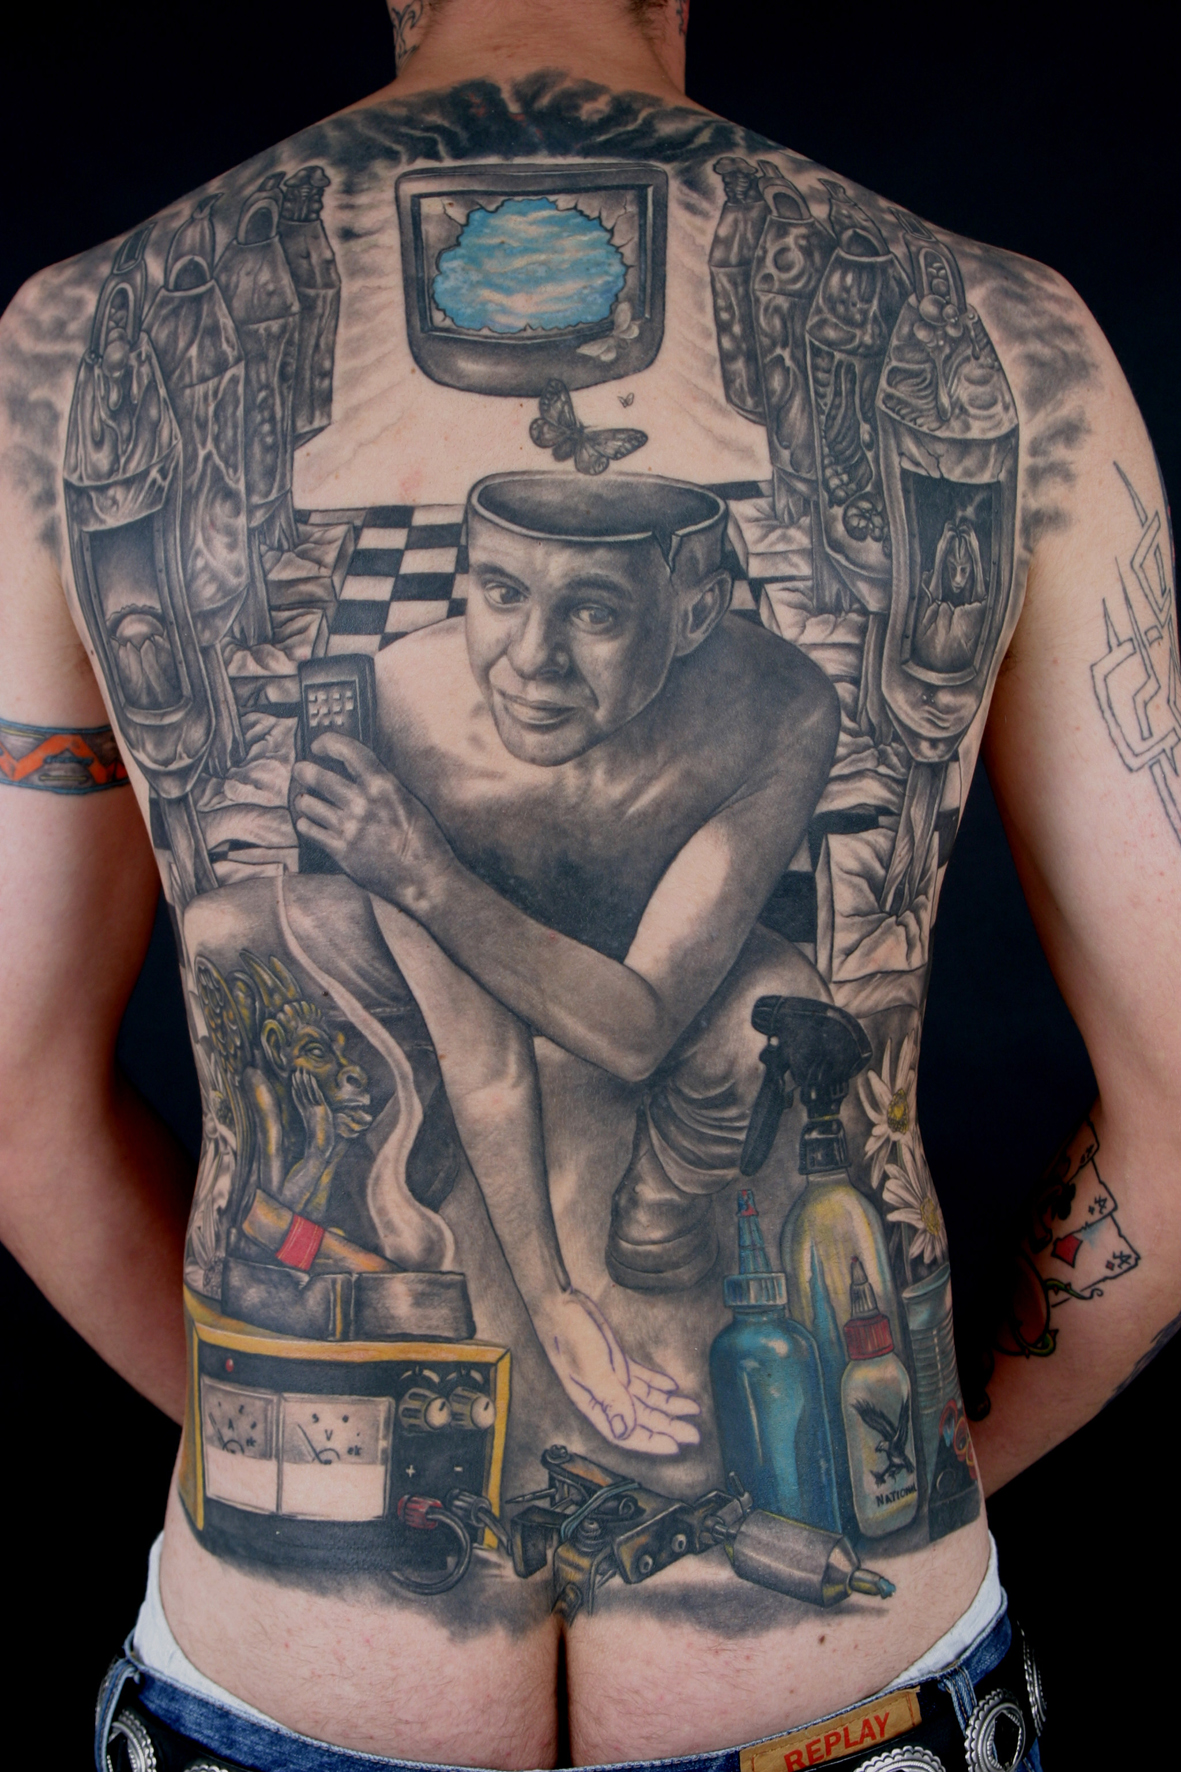 St phane chaudesaigues tatoueur et pionnier fran ais du - Tatouage pour homme ...